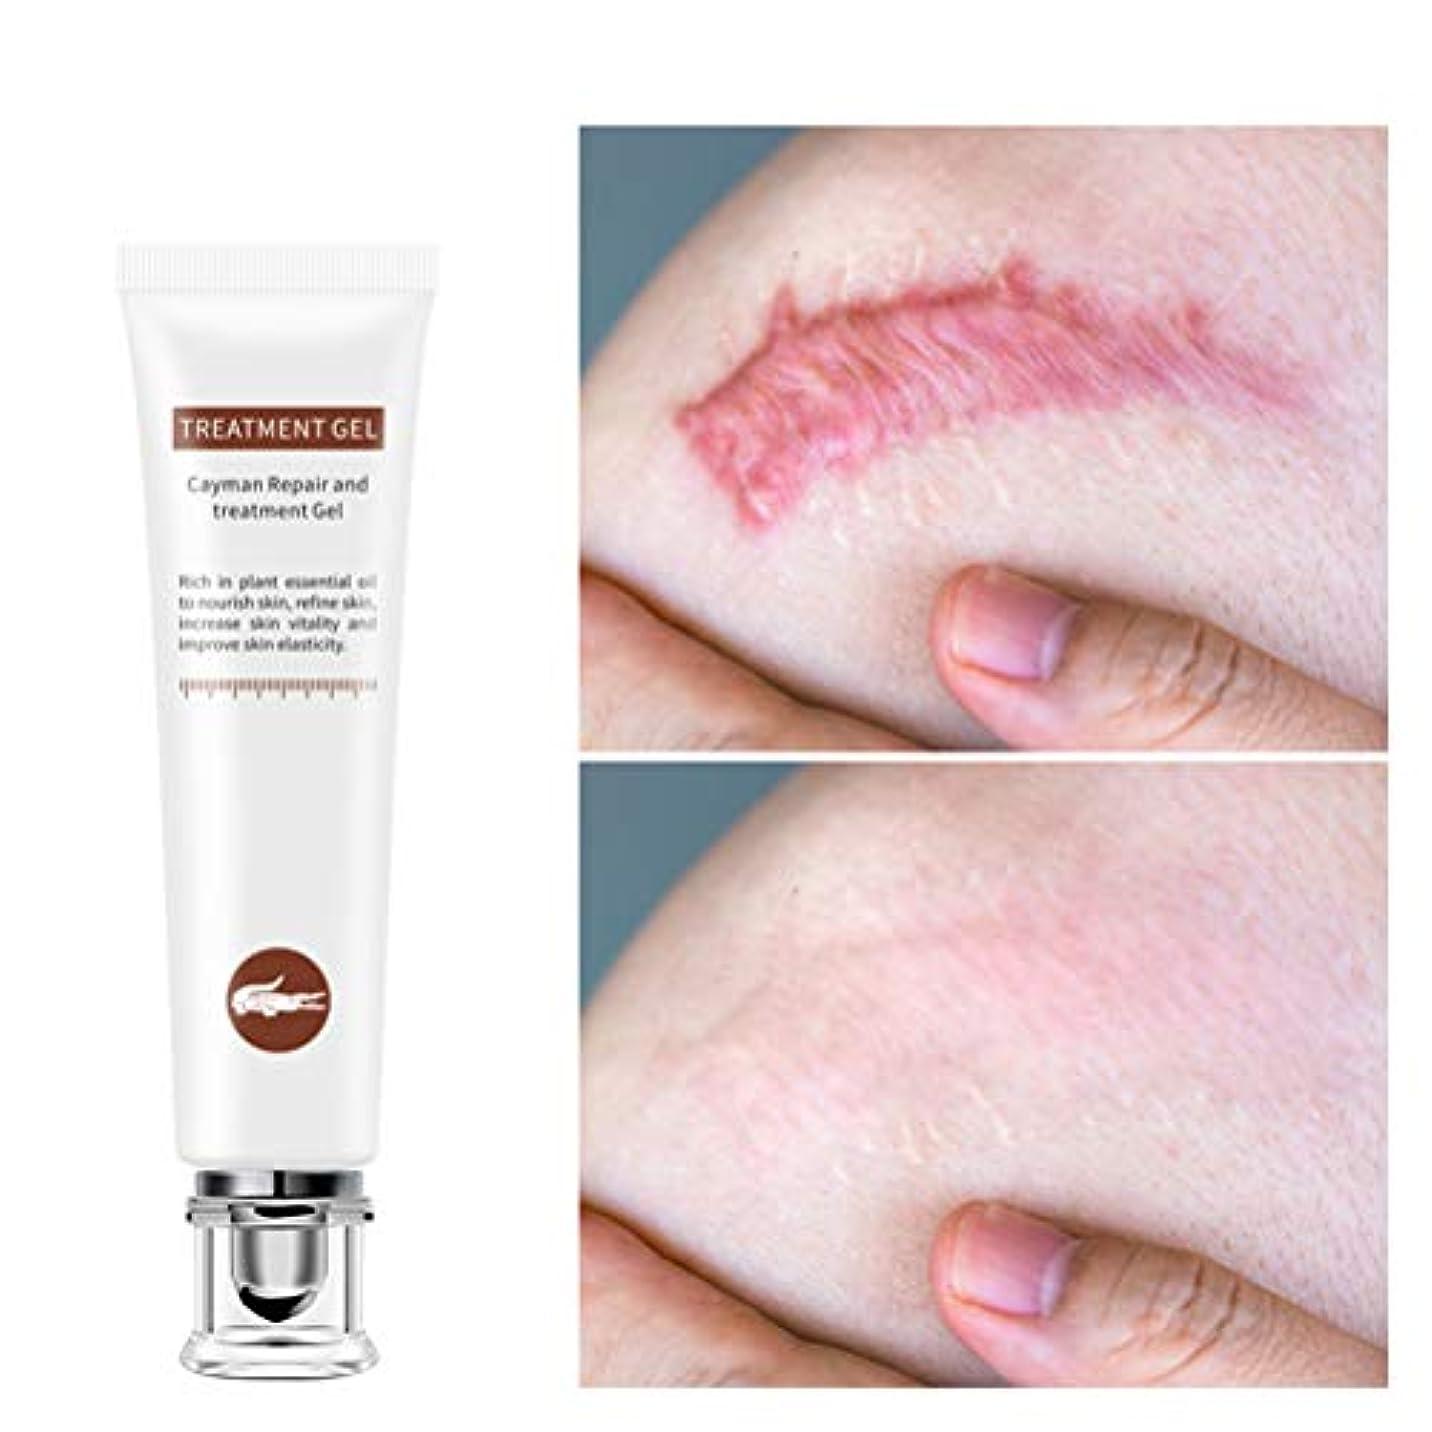 エッセイ談話活性化MAKTXL 傷跡修復クリーム、非刺激性のストレッチマーク除去クリーム修復傷跡ストレッチマークは、顔と体の妊娠傷跡クリームを除去します